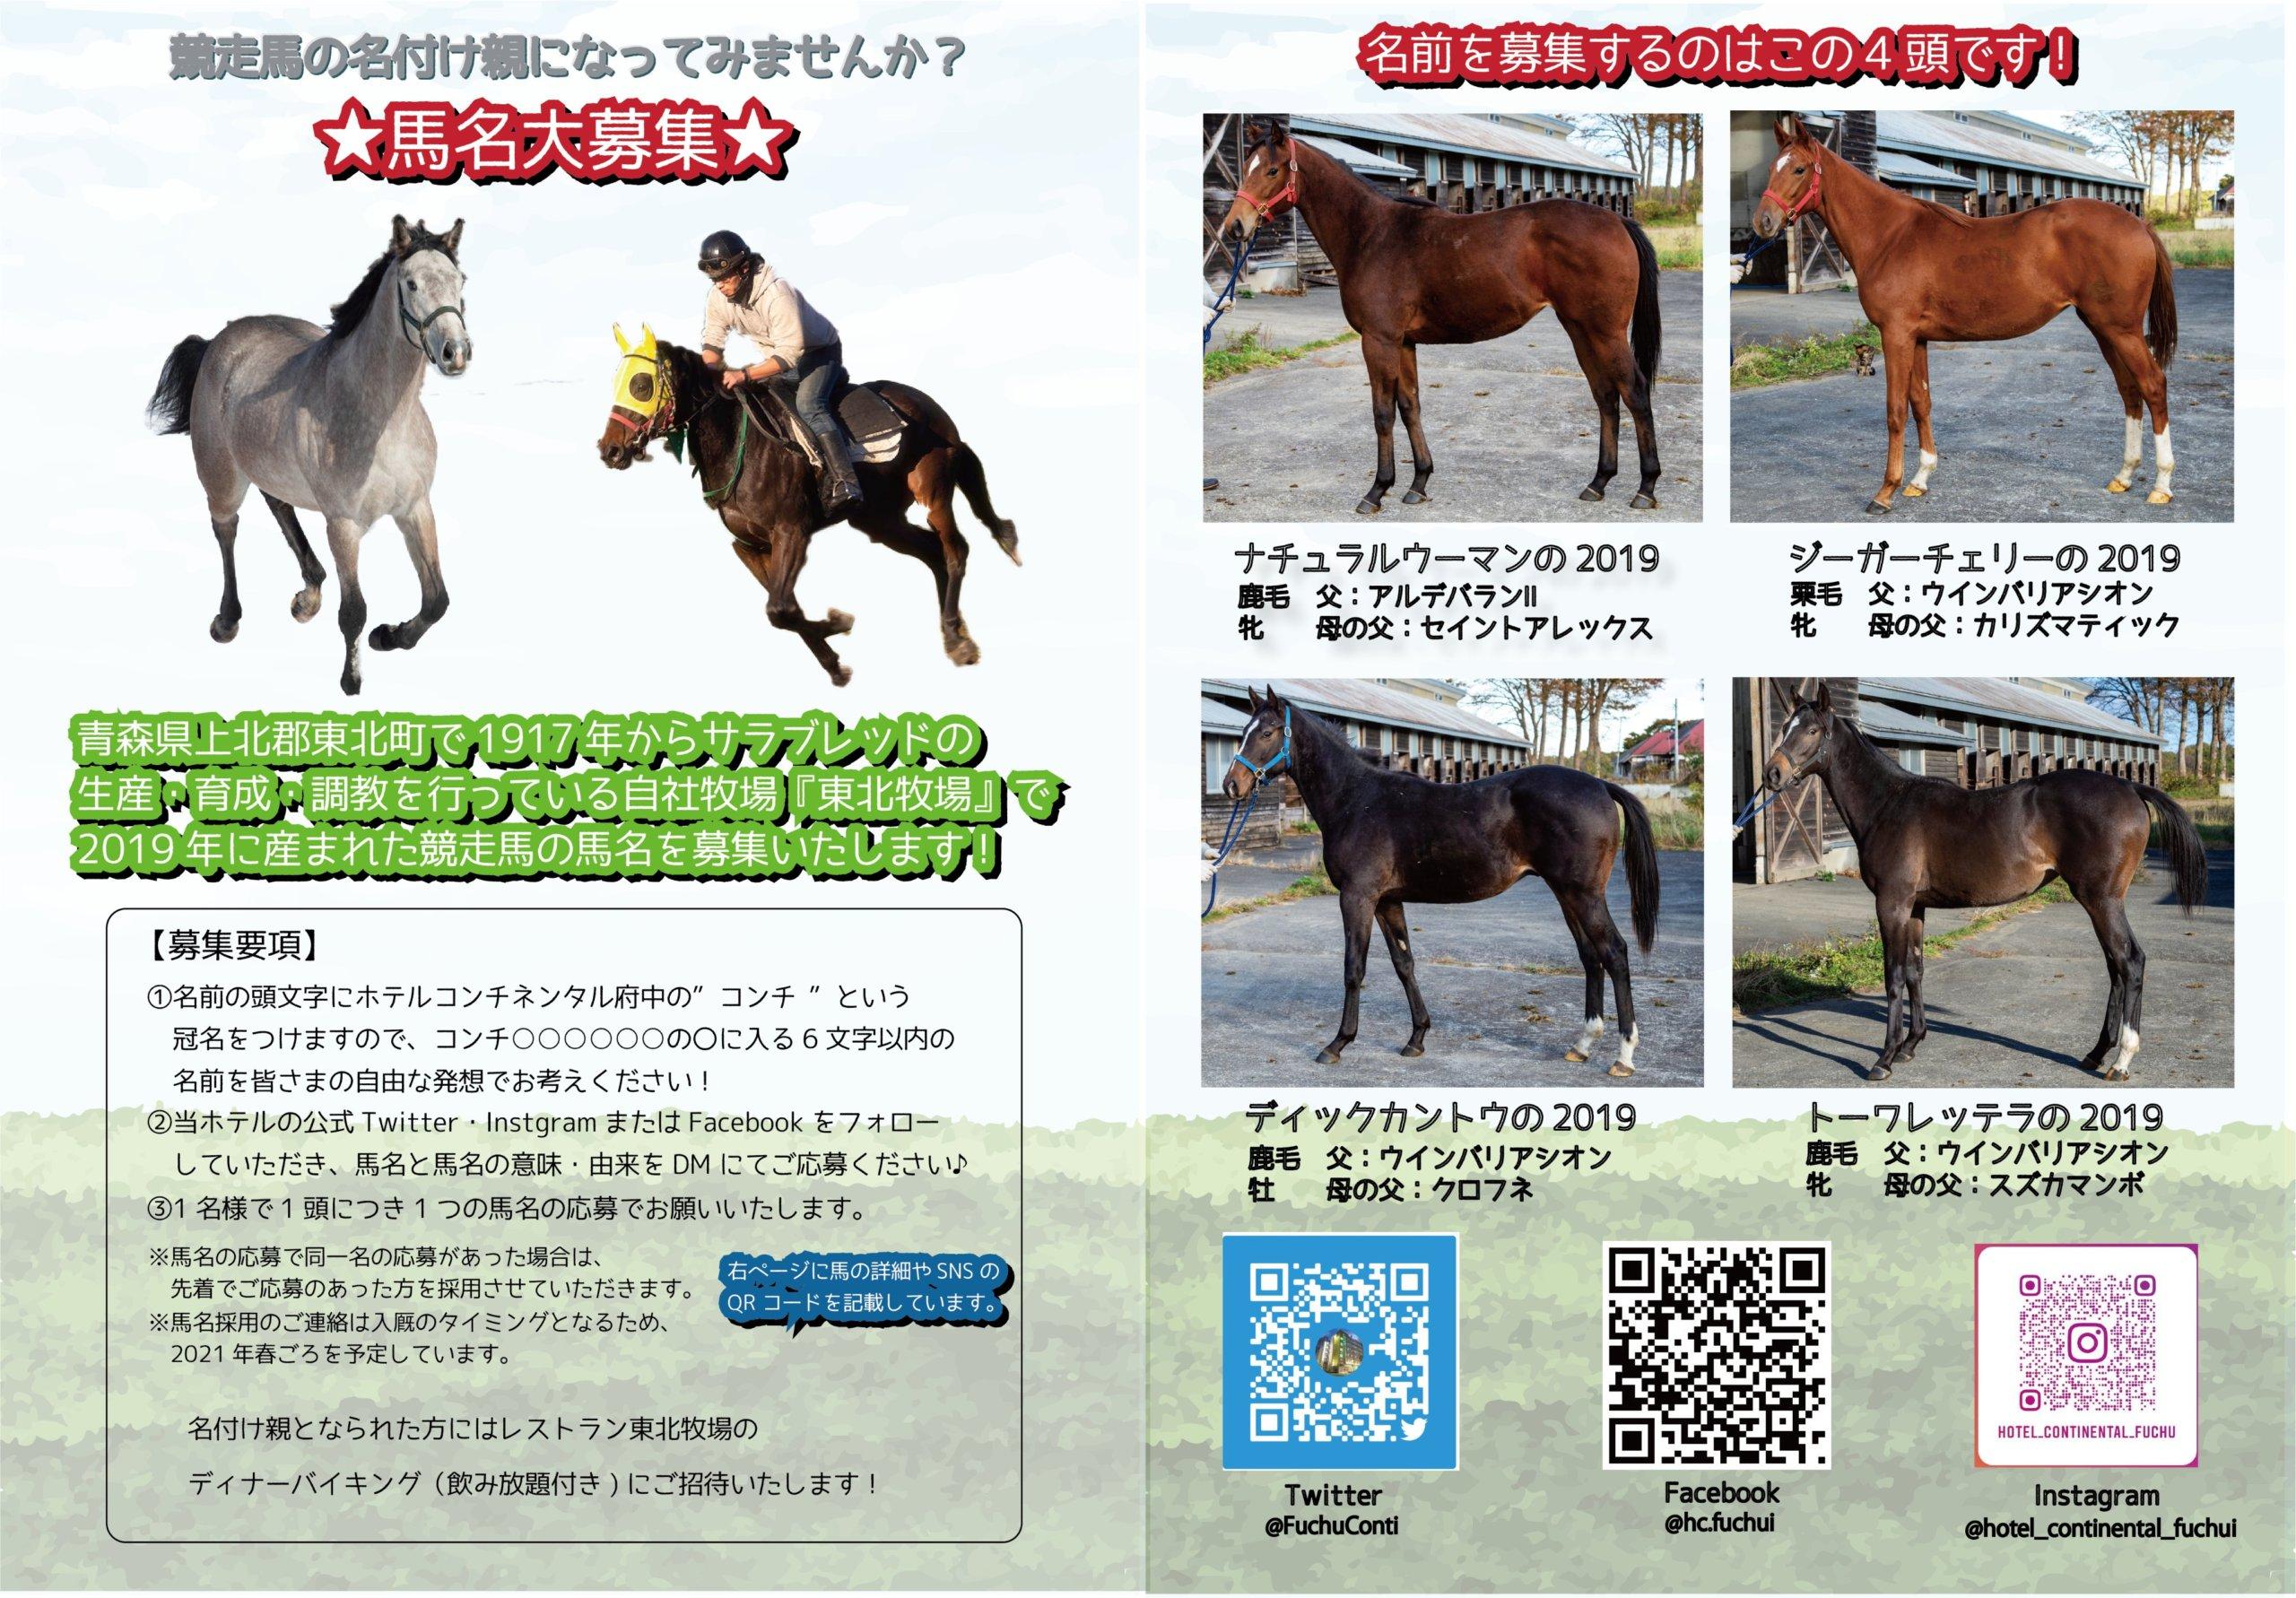 ホテルコンチネンタル府中、将来の競走馬の名前募集【連載:アキラの着目】